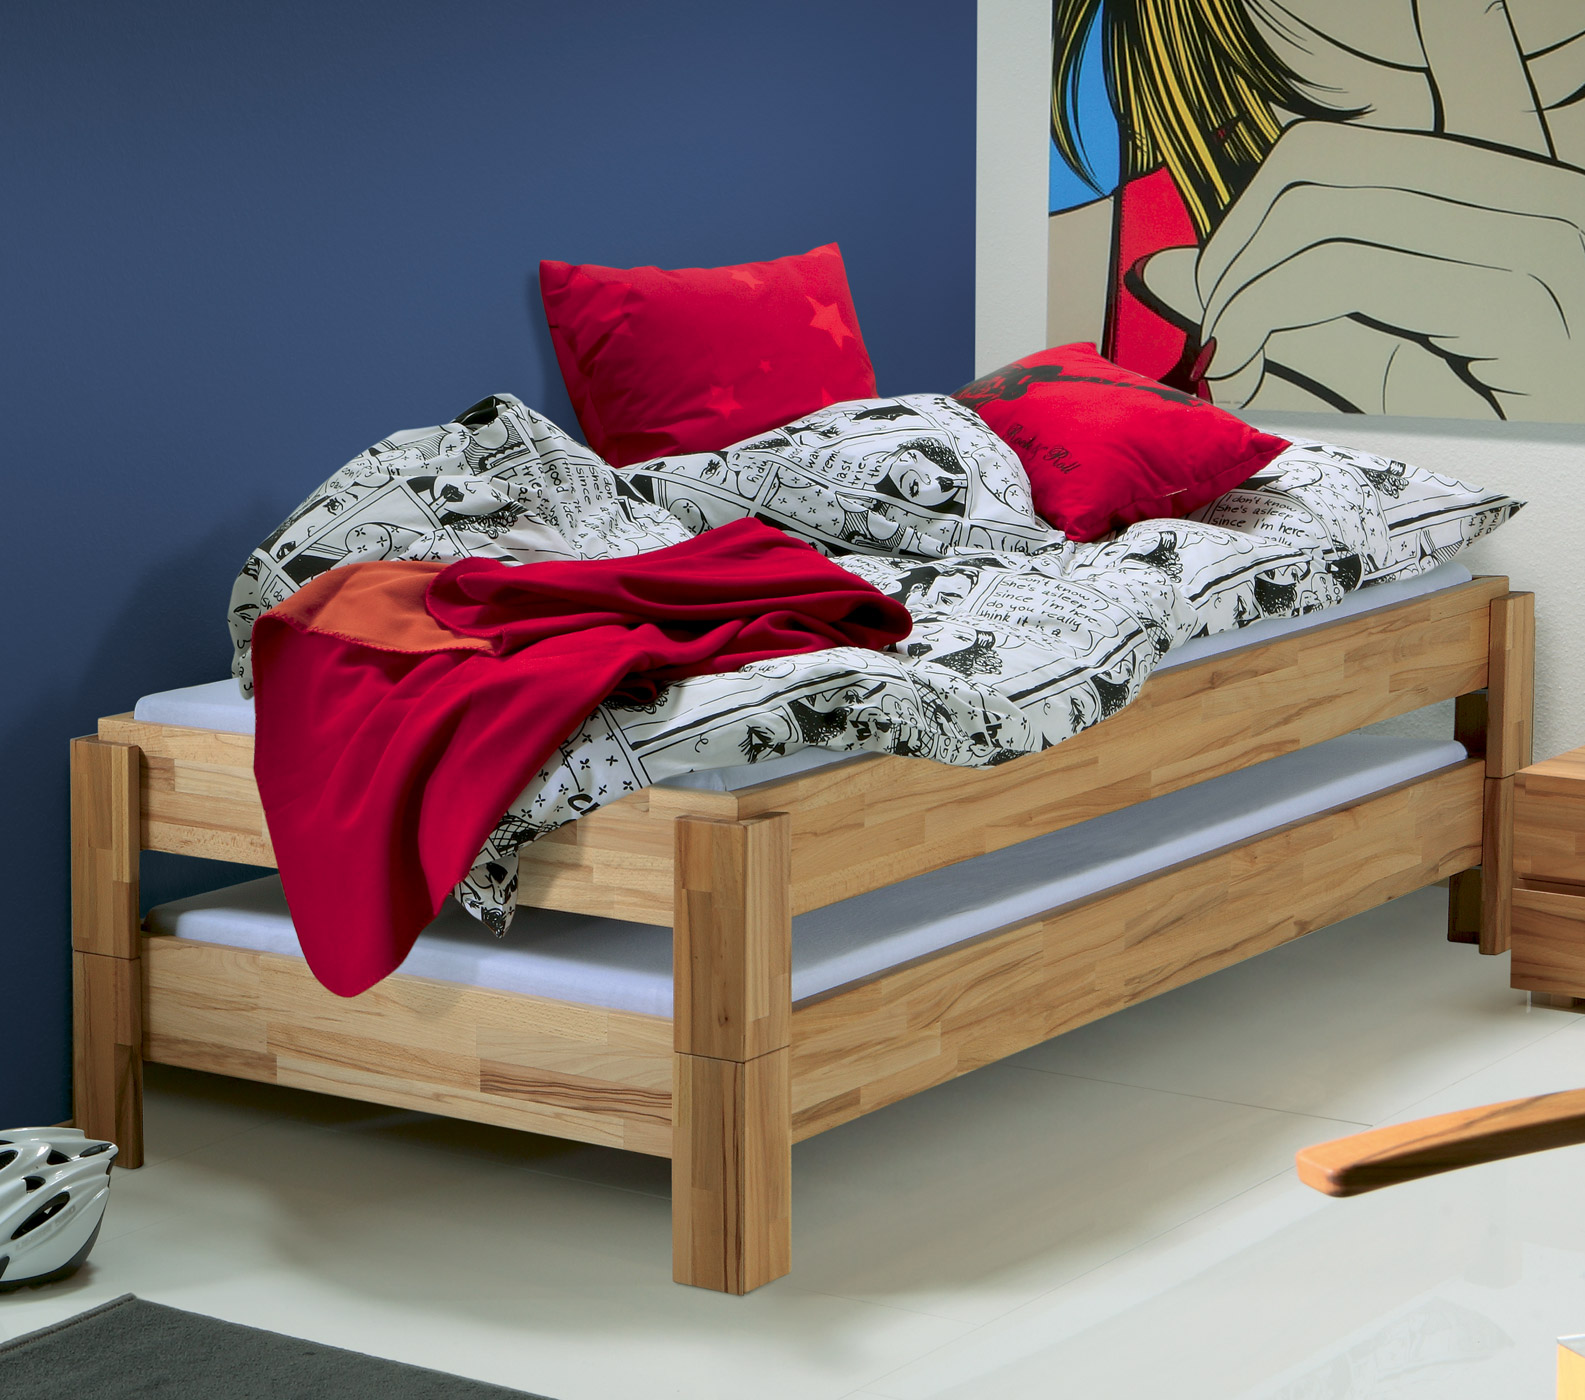 Betten ohne Kopfteil kaufen Sie online bei uns | BETTEN.de